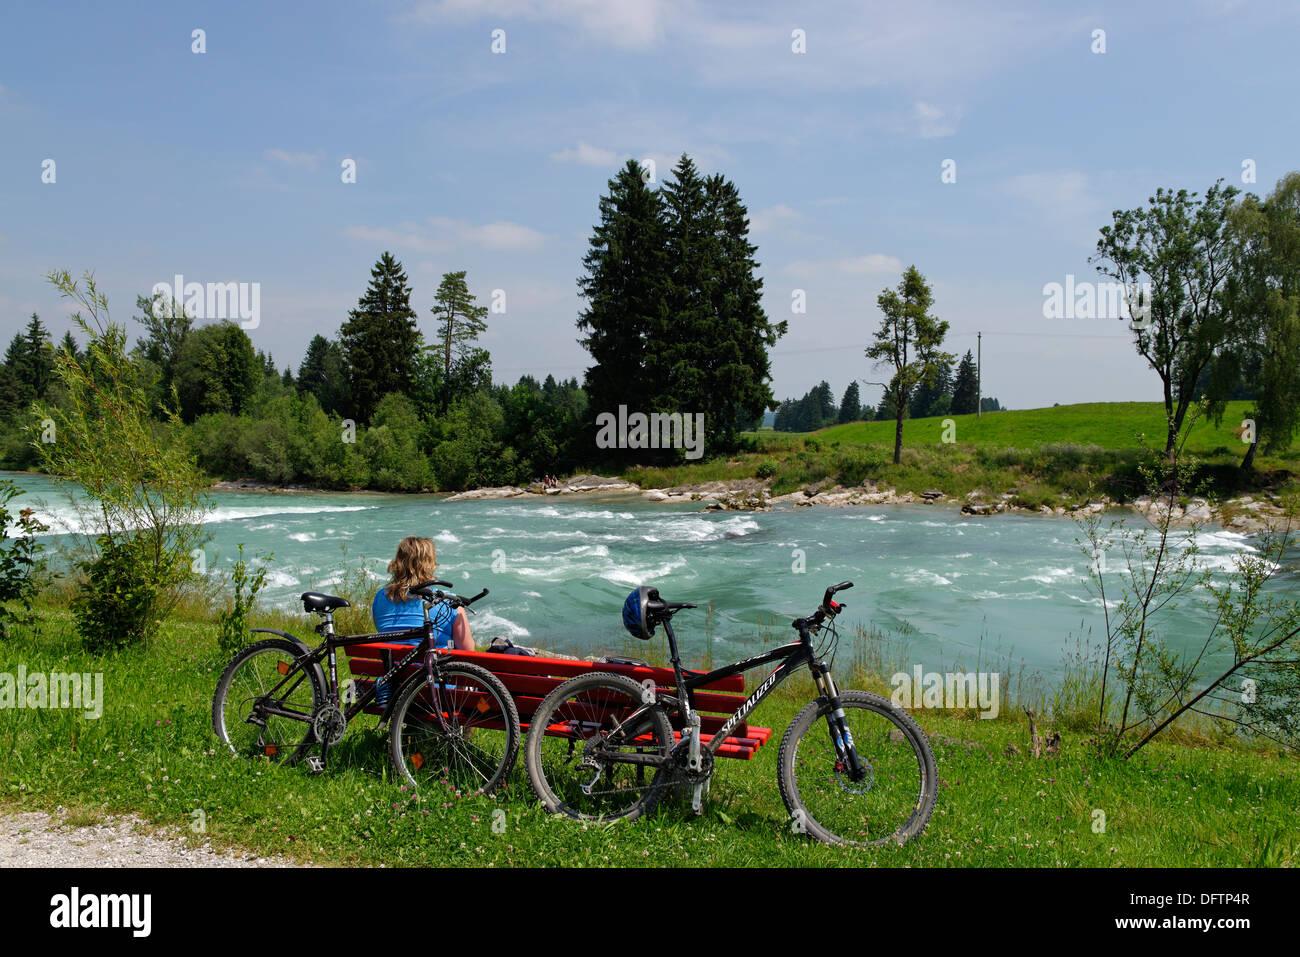 Los ciclistas durante un descanso en el río Lech, Camino de Santiago, Lechbruck am See, suabia, Baviera, Alemania Imagen De Stock